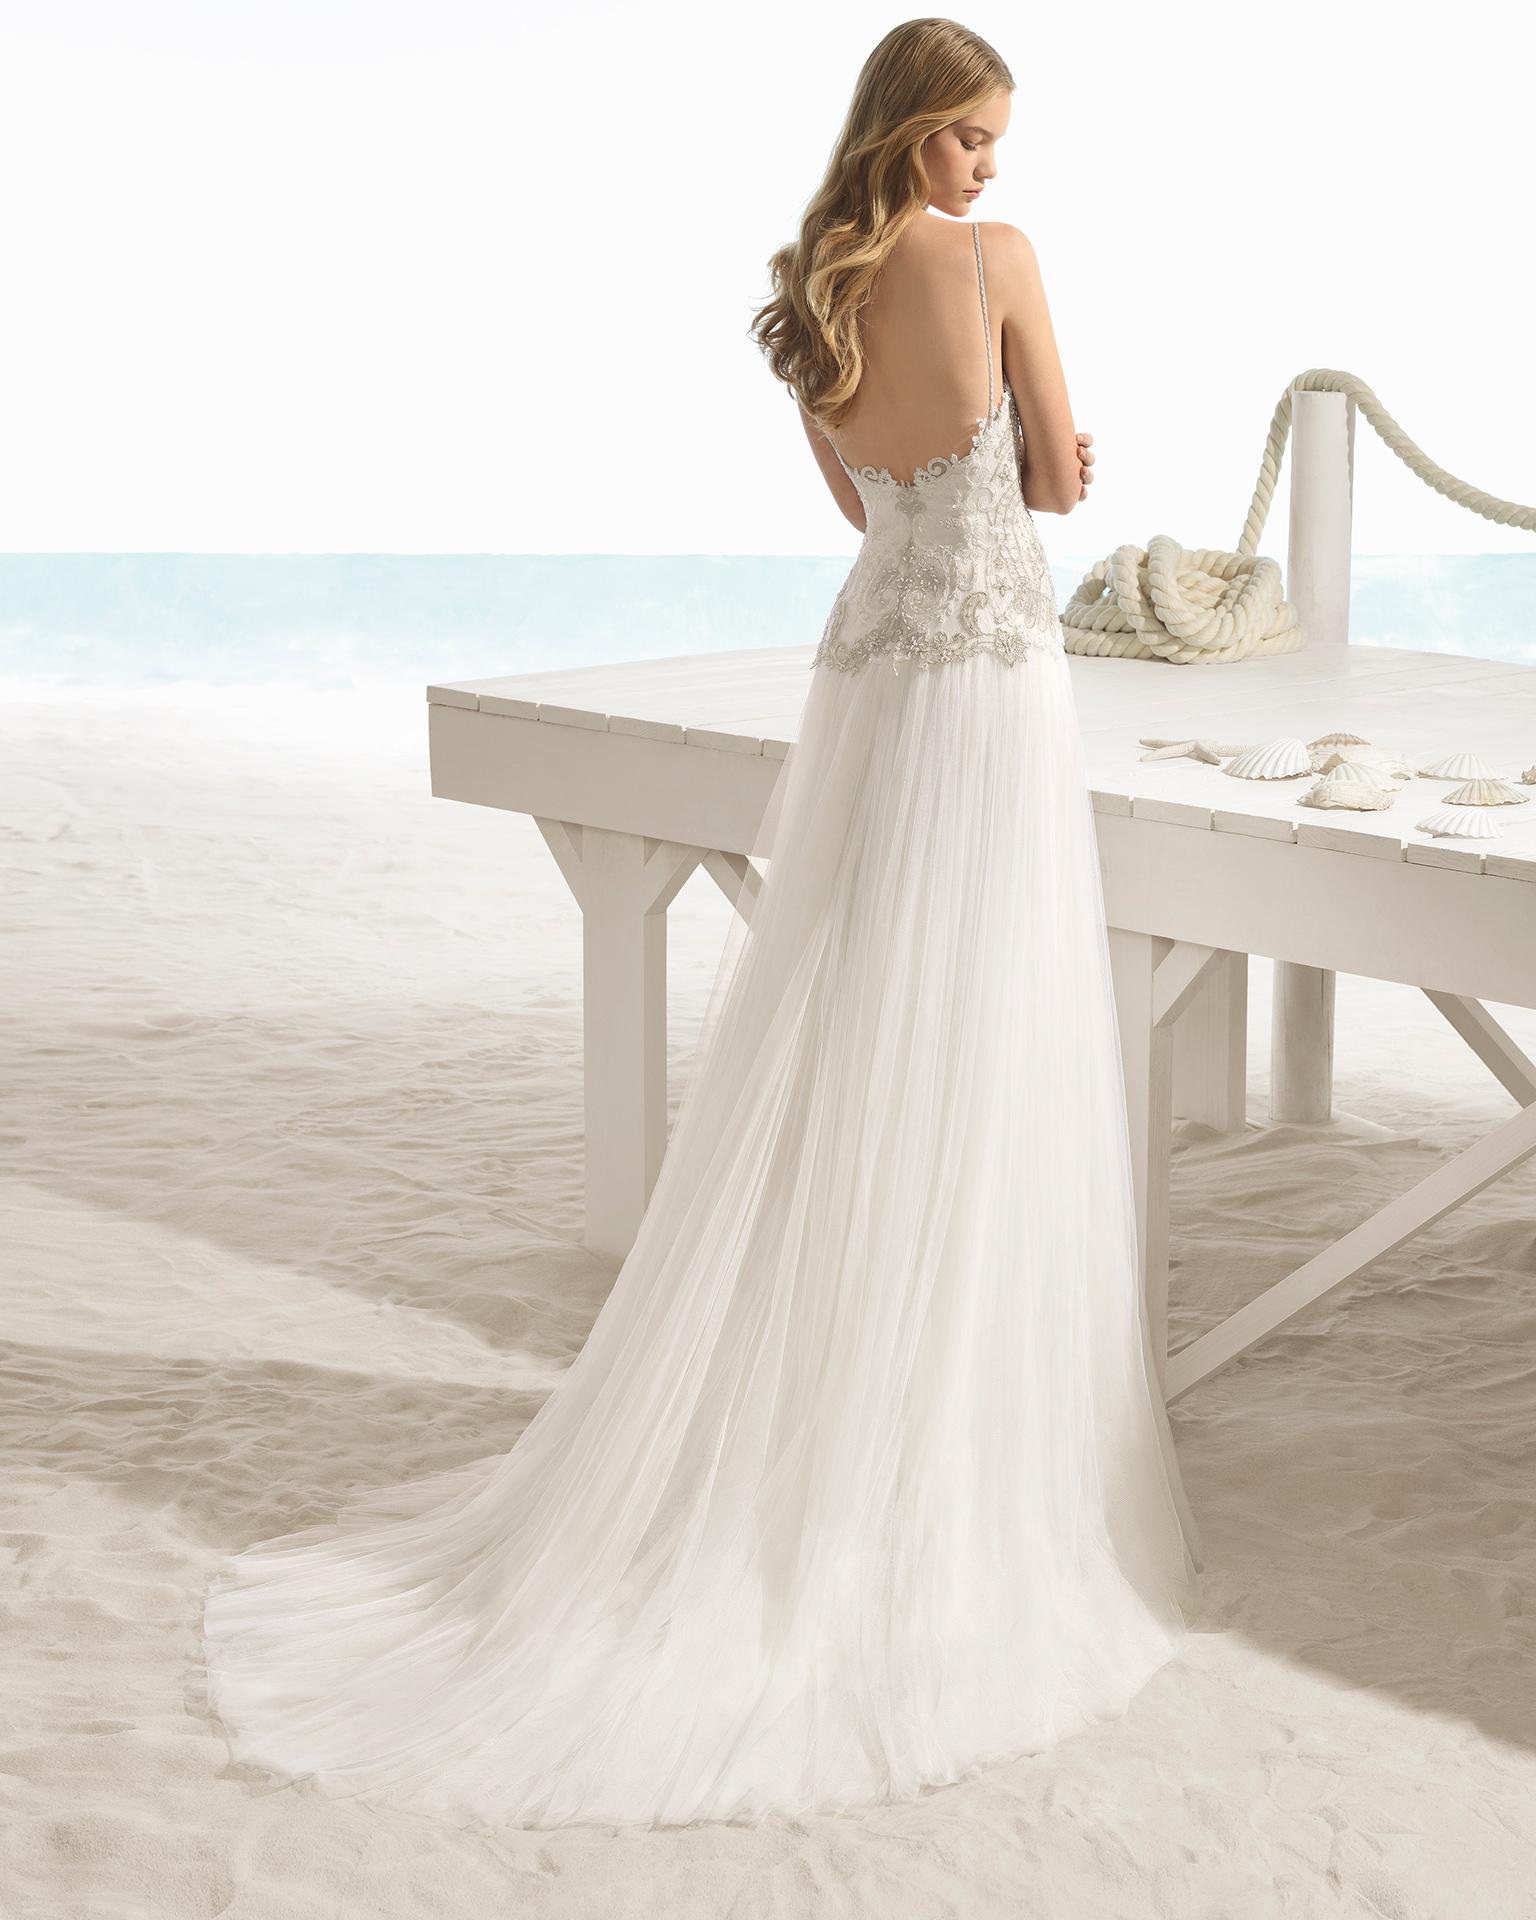 Robe de mariée style trapèze en tulle et dentelle avec pierreries, avec col en cœur, de couleur naturelle/or.